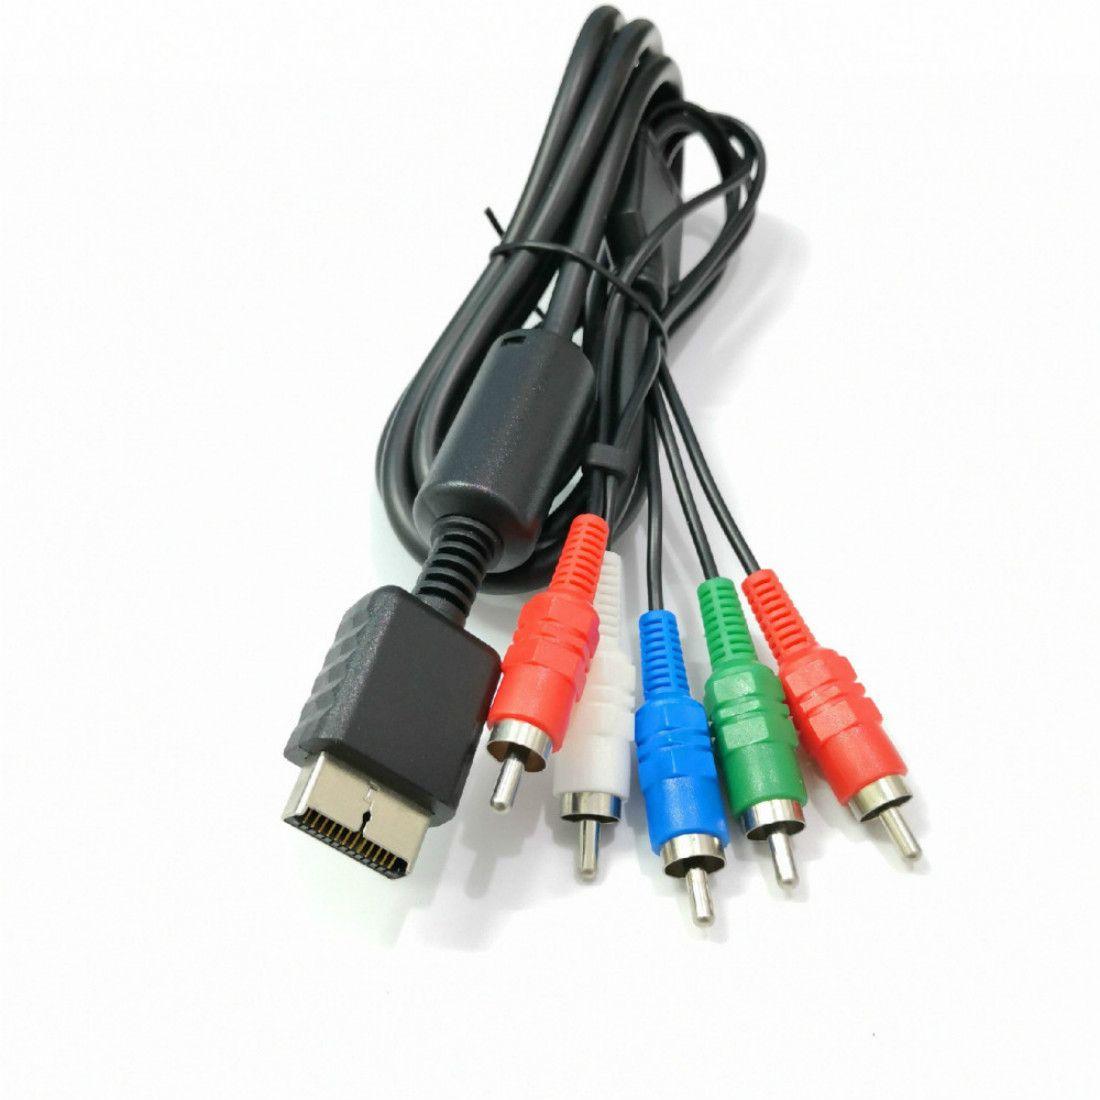 Filo del cavo del cavo dell'audio AV del componente HDTV da 1,8 m per Sony PlayStation 2 3 PS2 PS3 Accessorio del gioco